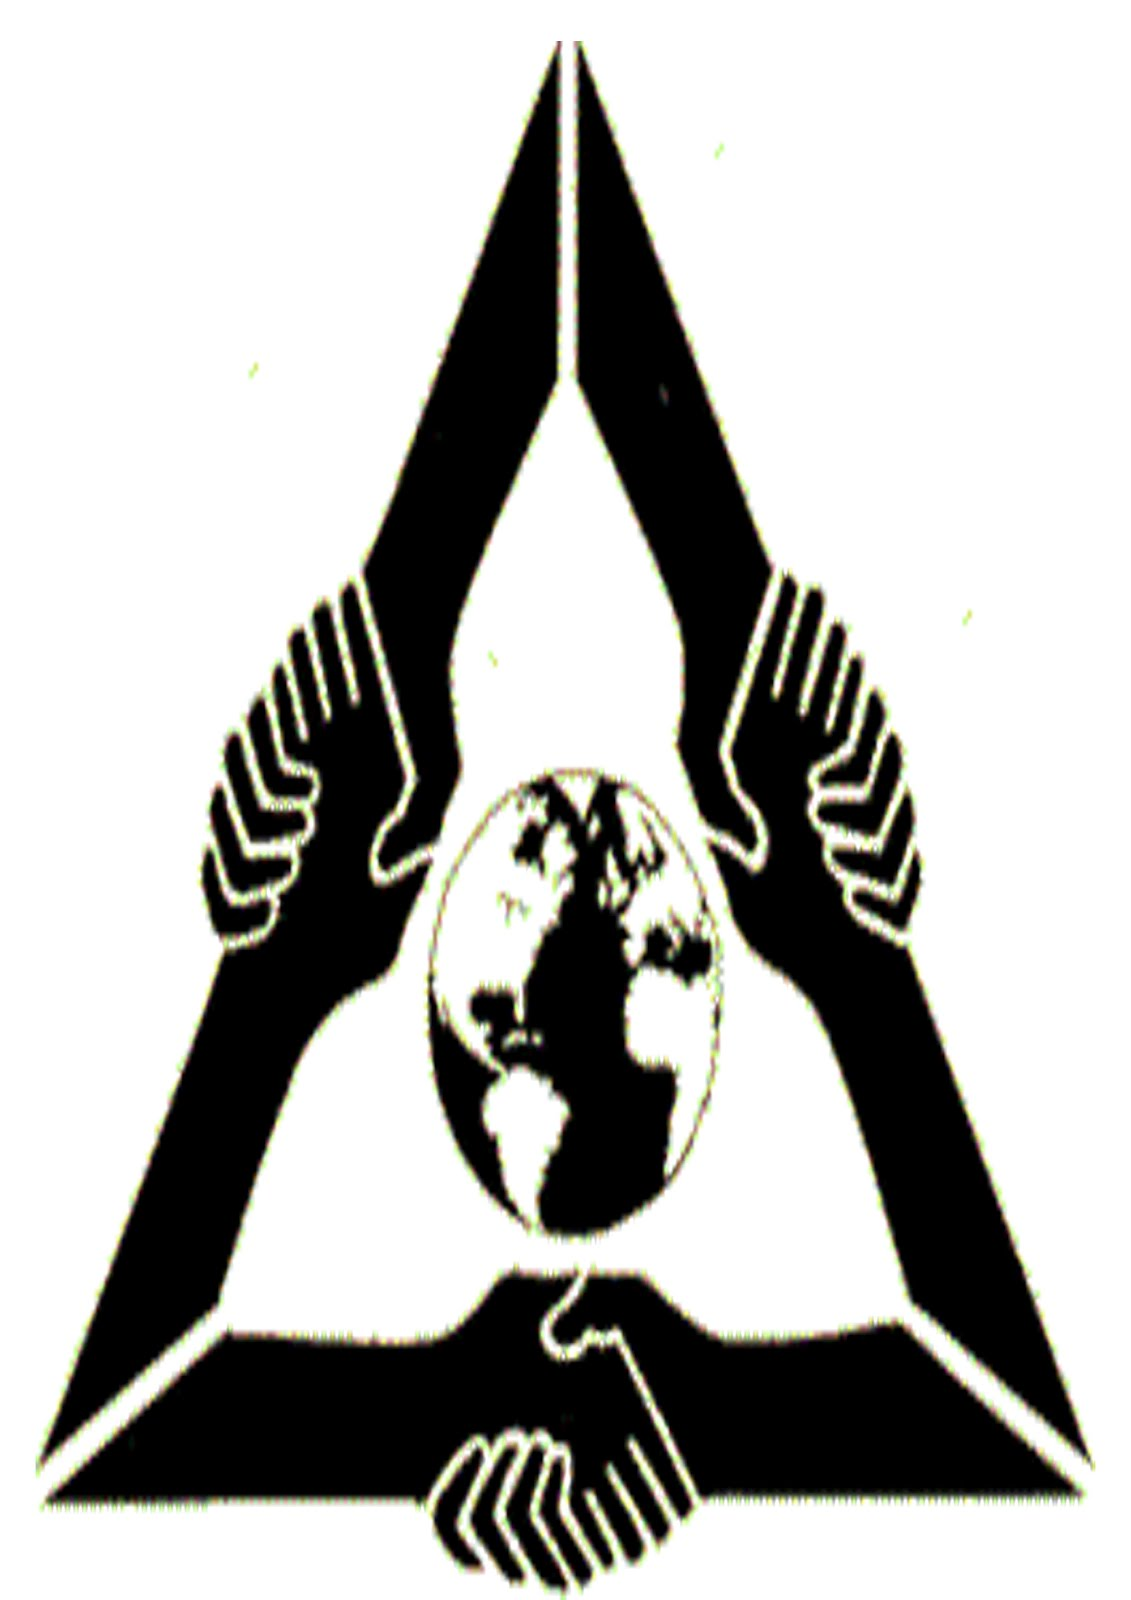 Unity club unity club logo biocorpaavc